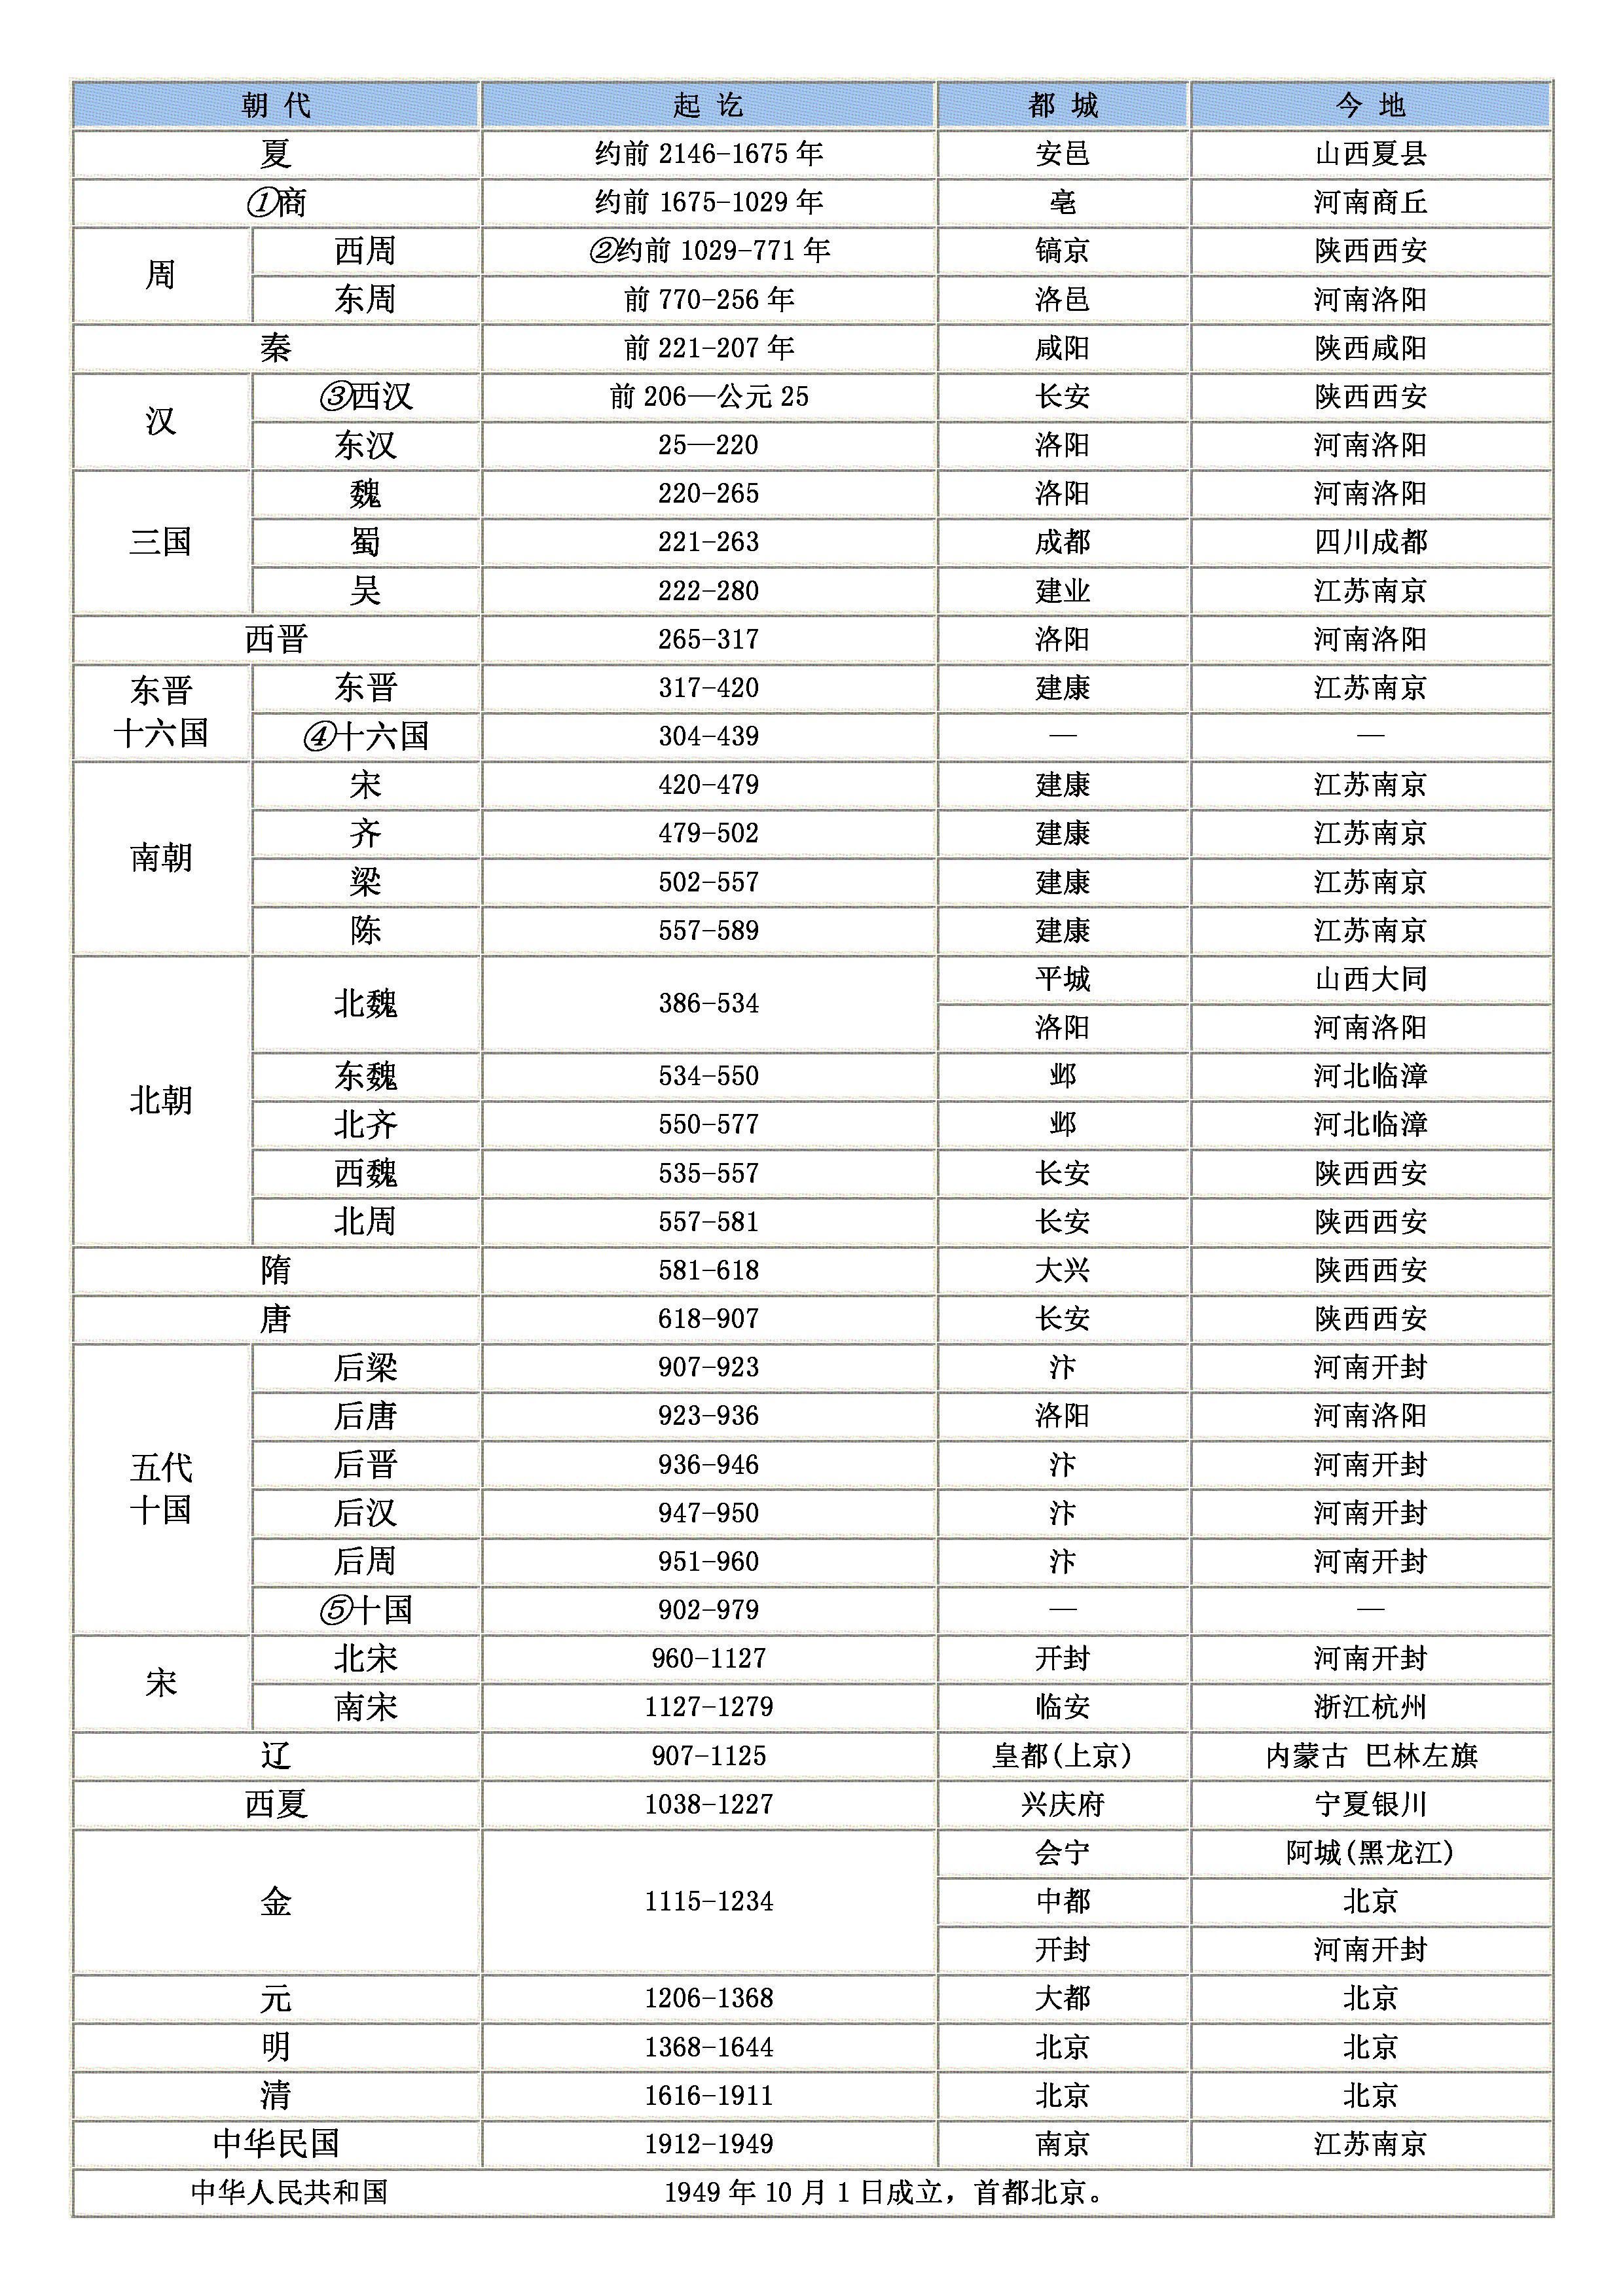 中国各朝代时间表